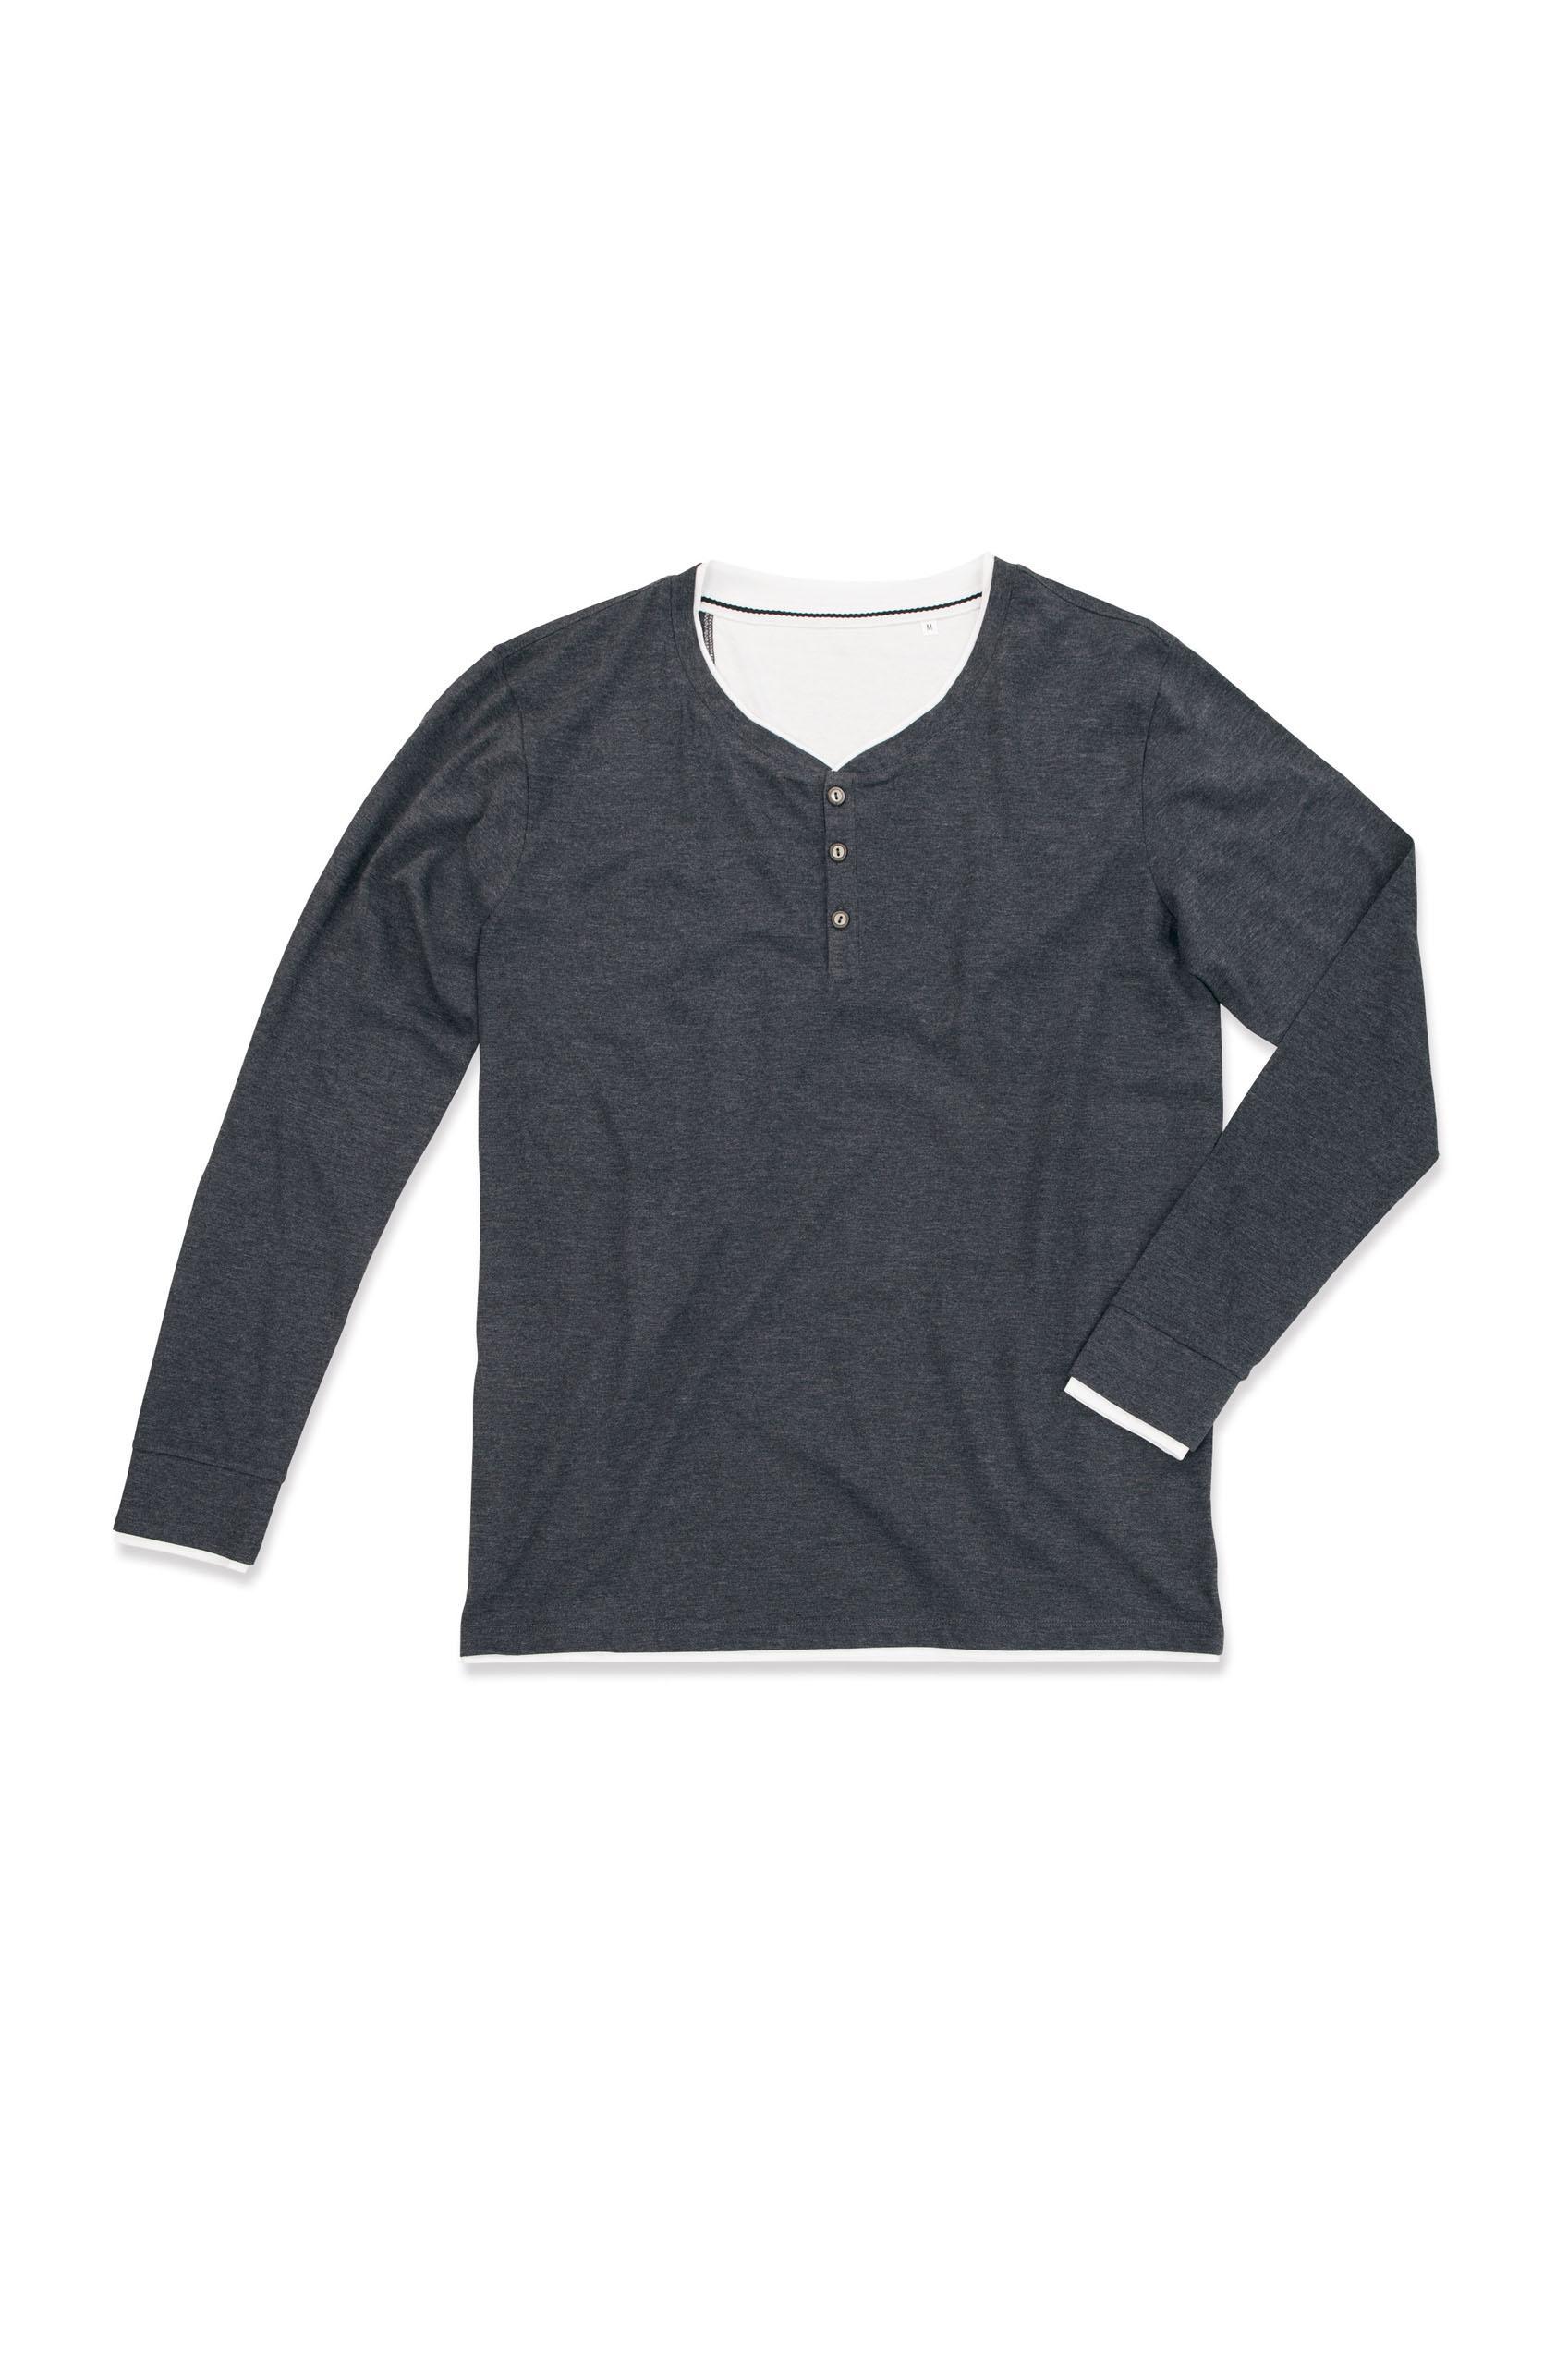 Stedman T-shirt Henley Luke LS for him